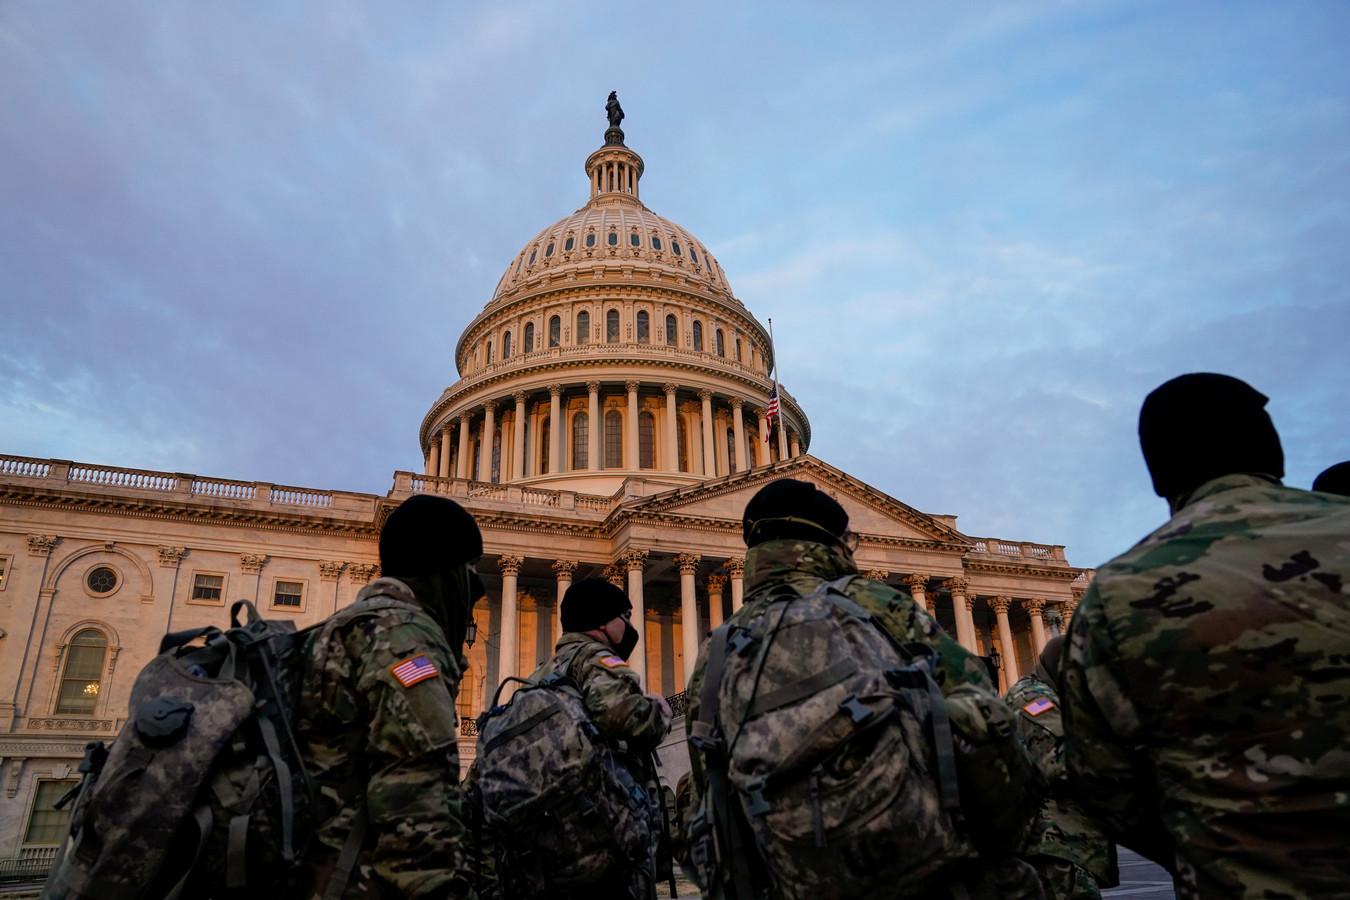 Jusqu'à 15.000 soldats de la Garde nationale seront mobilisés pour l'investiture de Joe Biden, le 20 janvier.